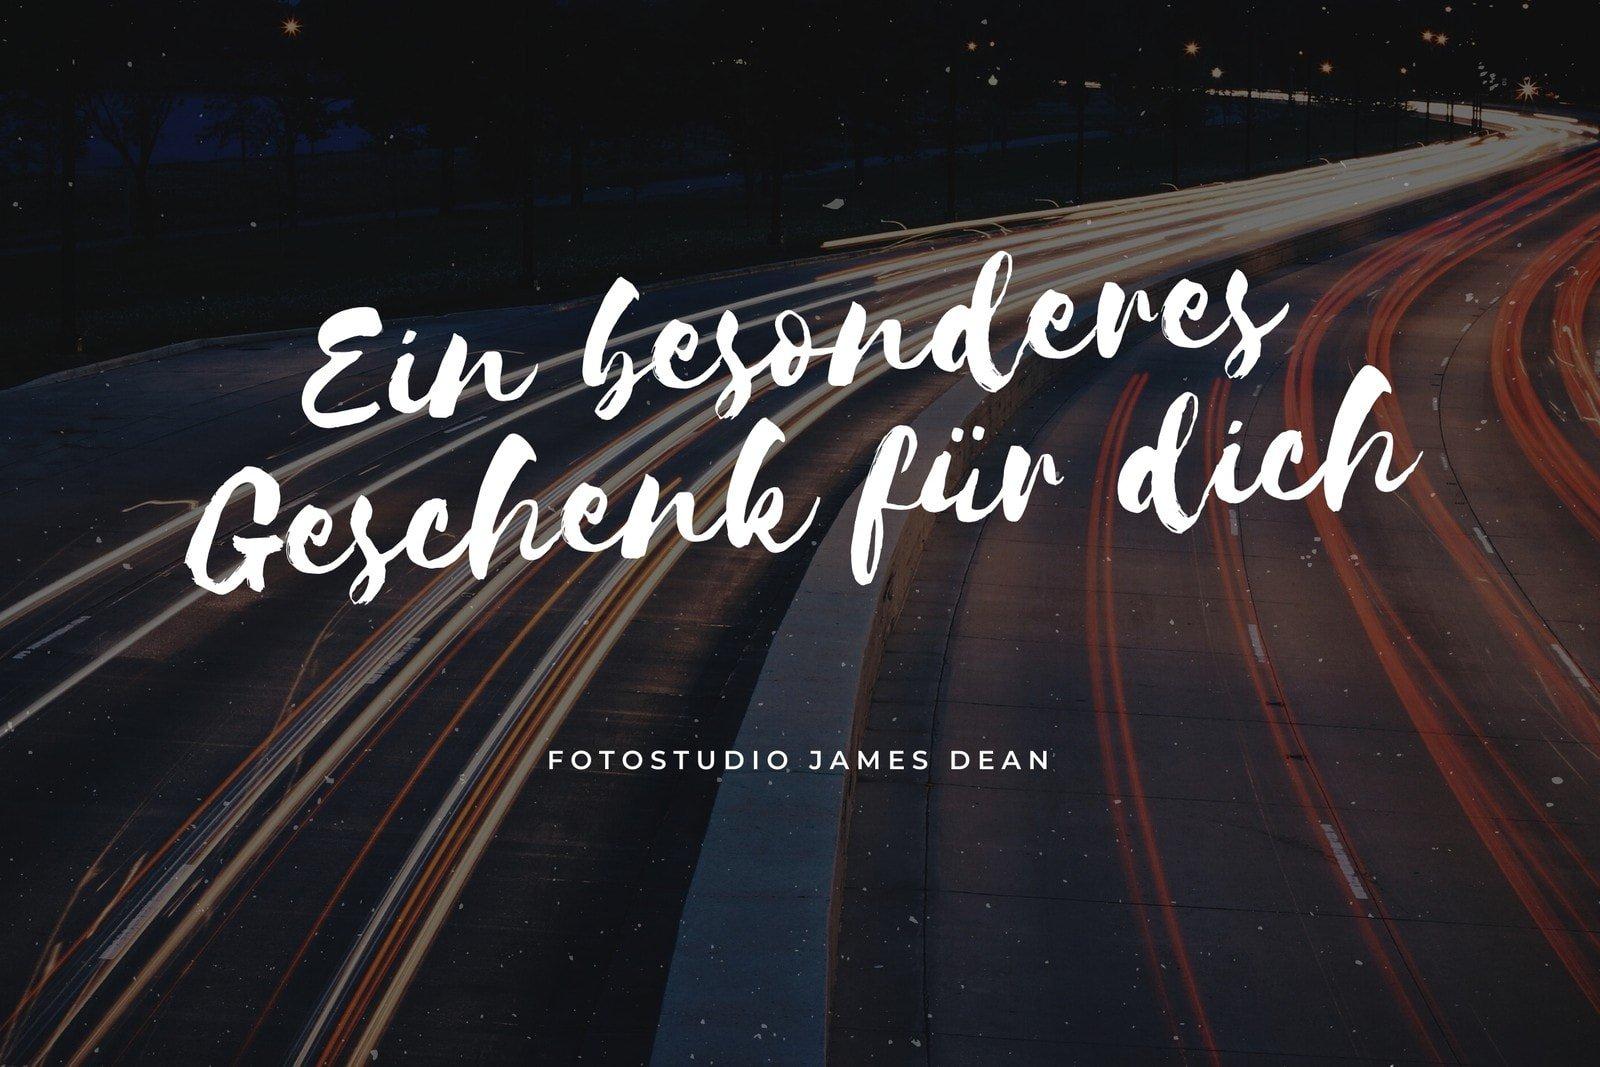 Dunkel Autobahn Fotografie Geschenkgutschein